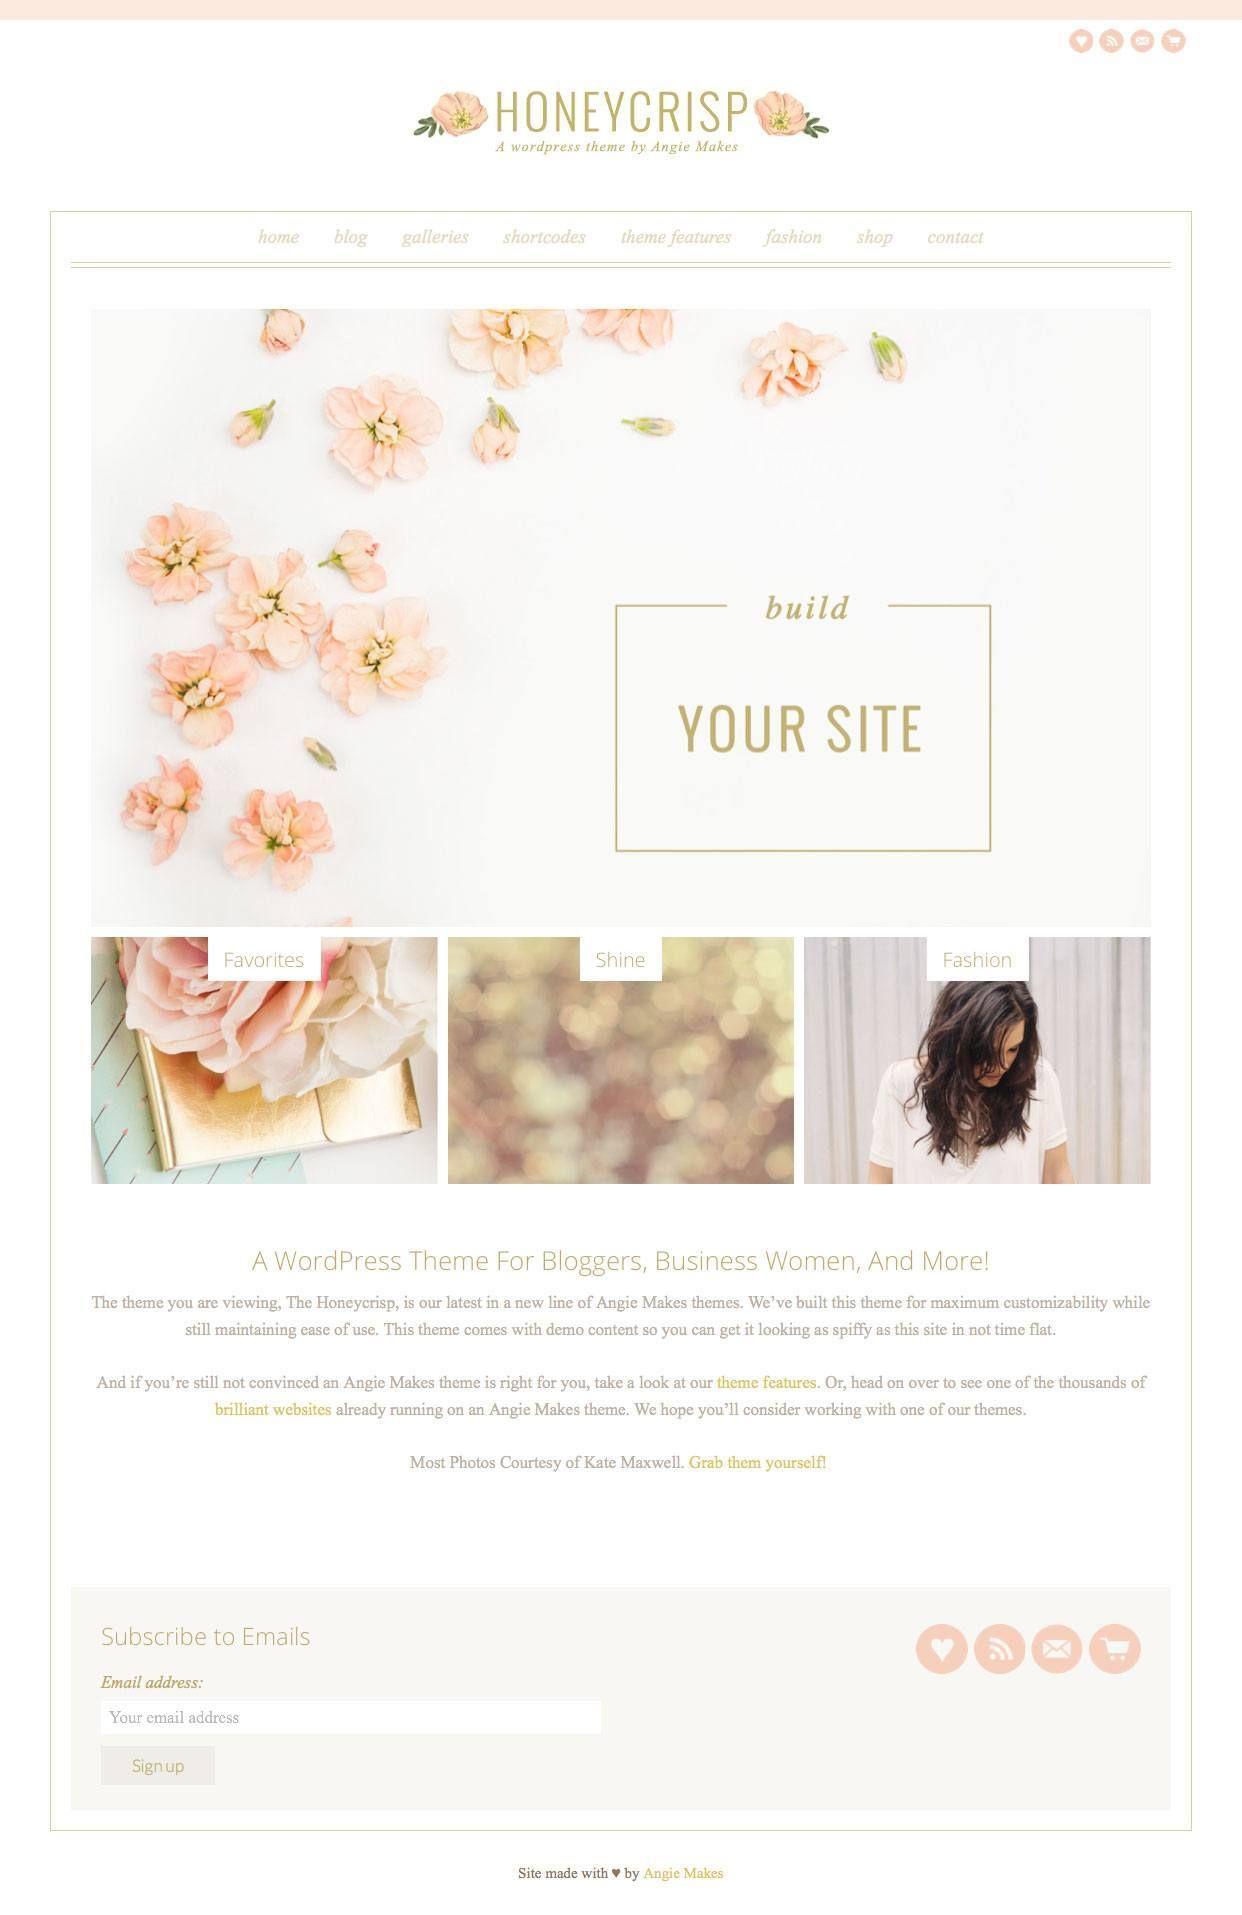 Honeycrisp Pretty Girly Blog WordPress Theme | Wordpress and Premium ...